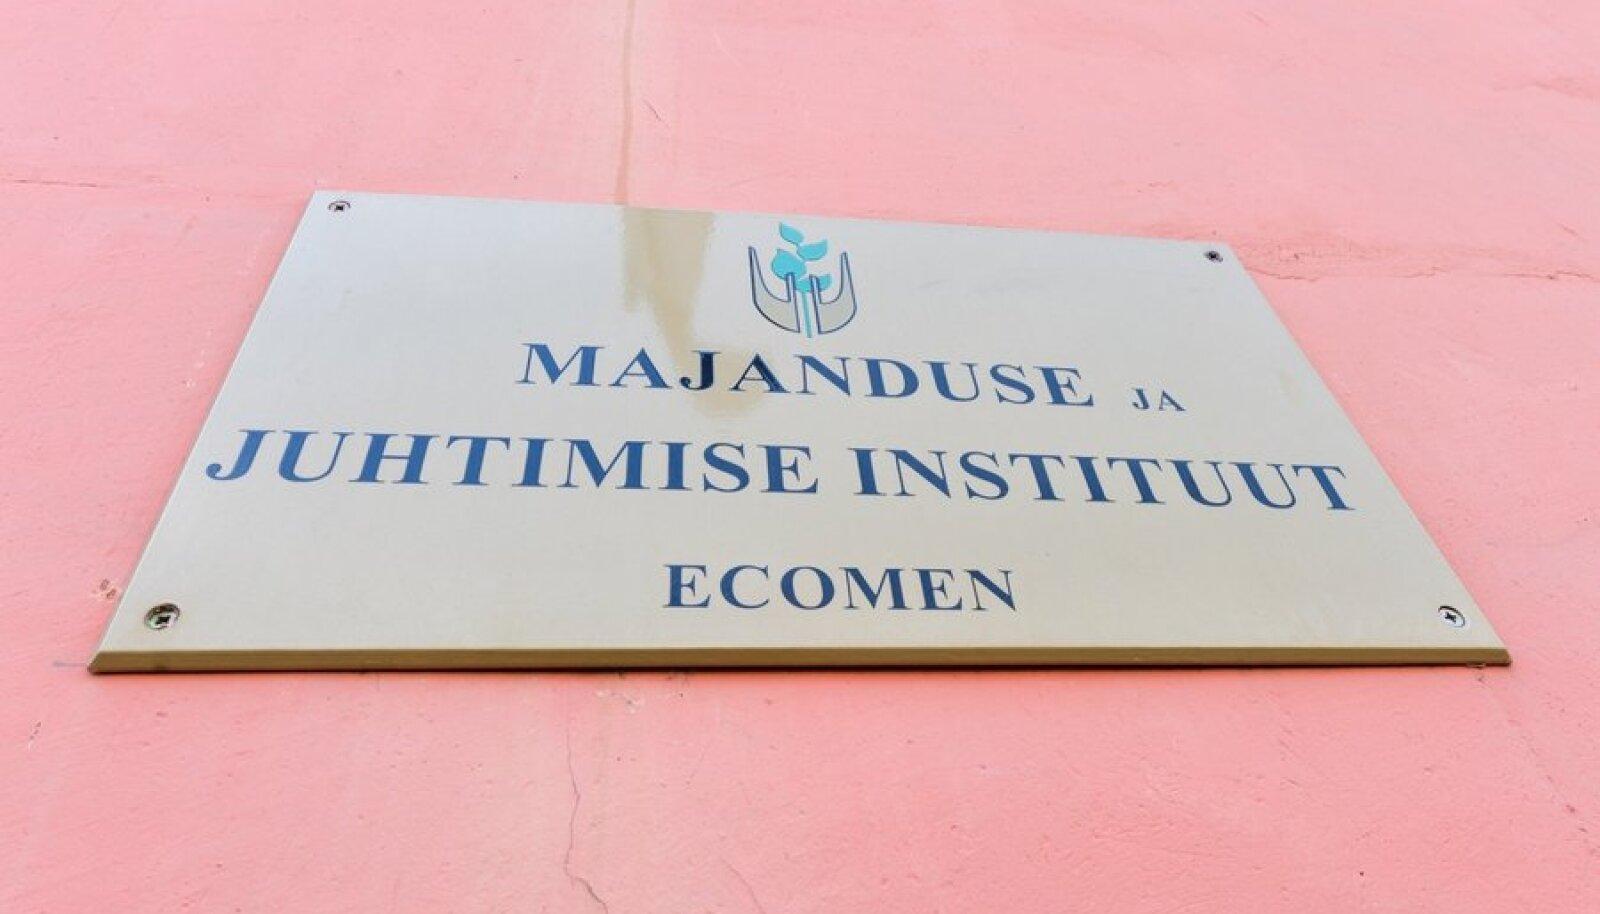 Majanduse ja juhtimise instituut